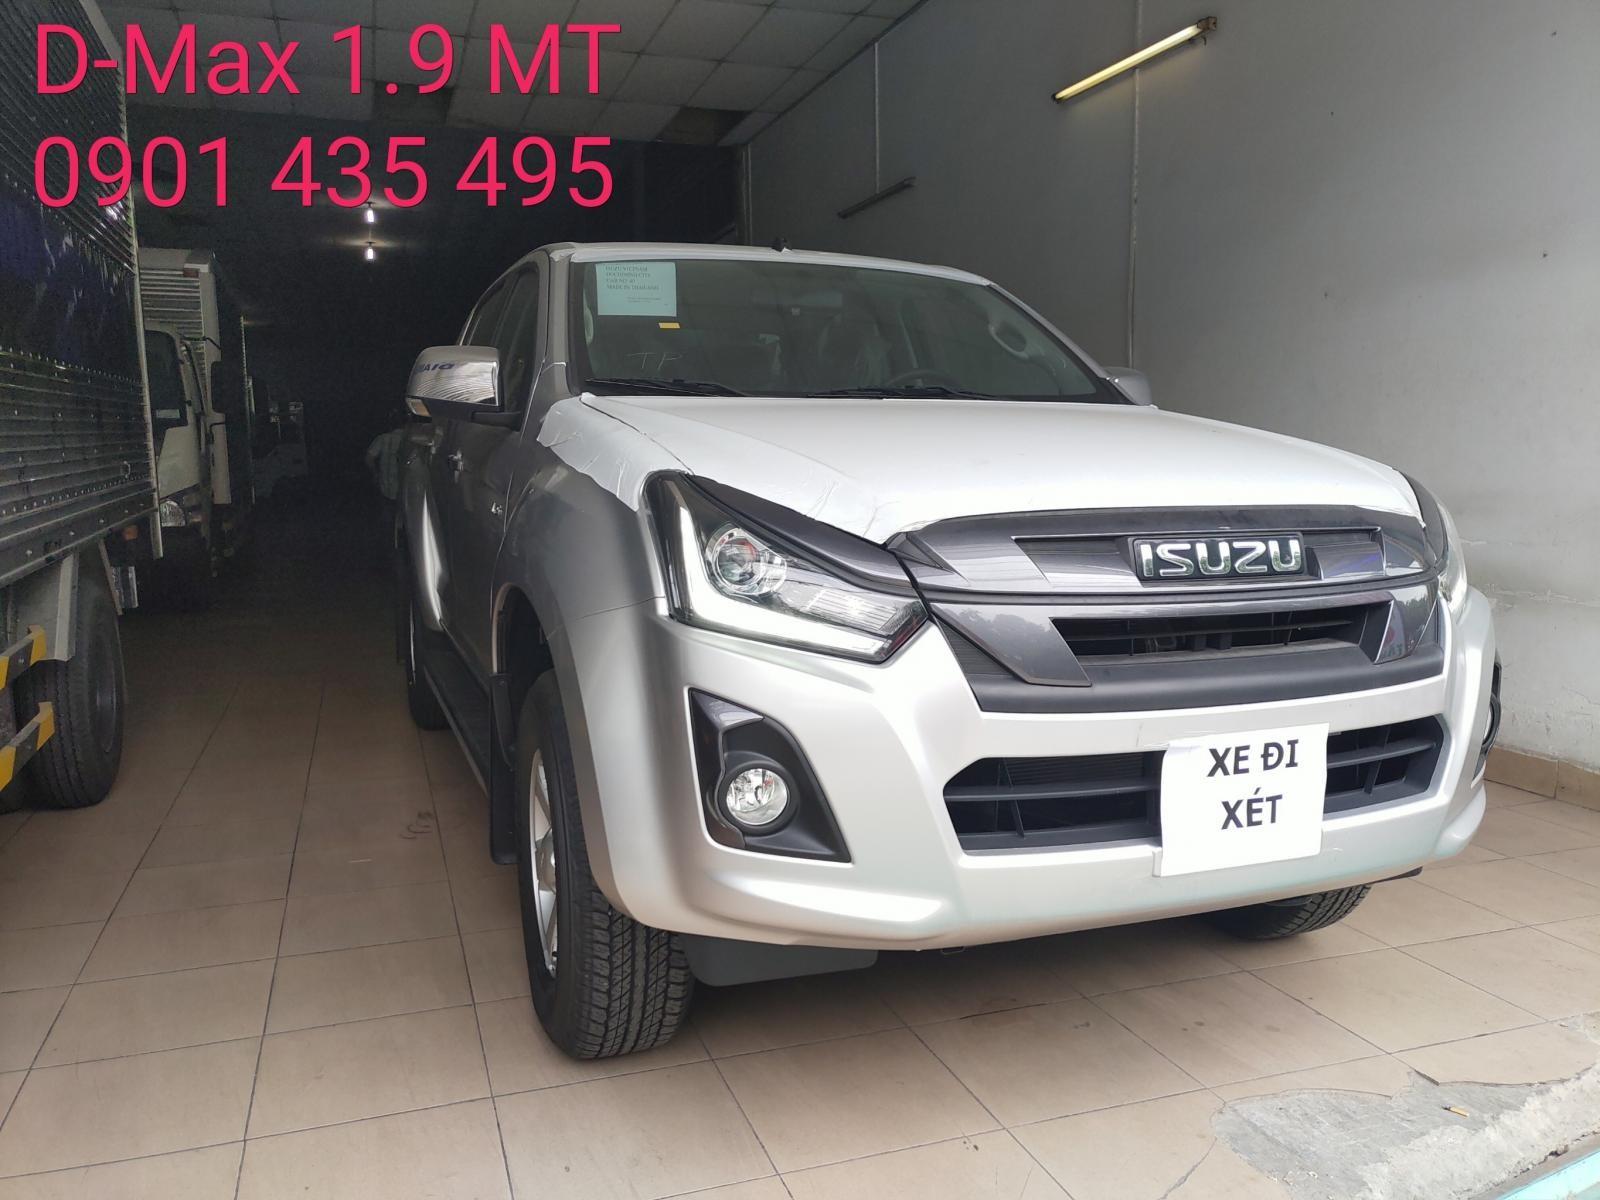 Bán Isuzu Dmax sản xuất 2019, màu xám, nhập khẩu nguyên chiếc, giá tốt